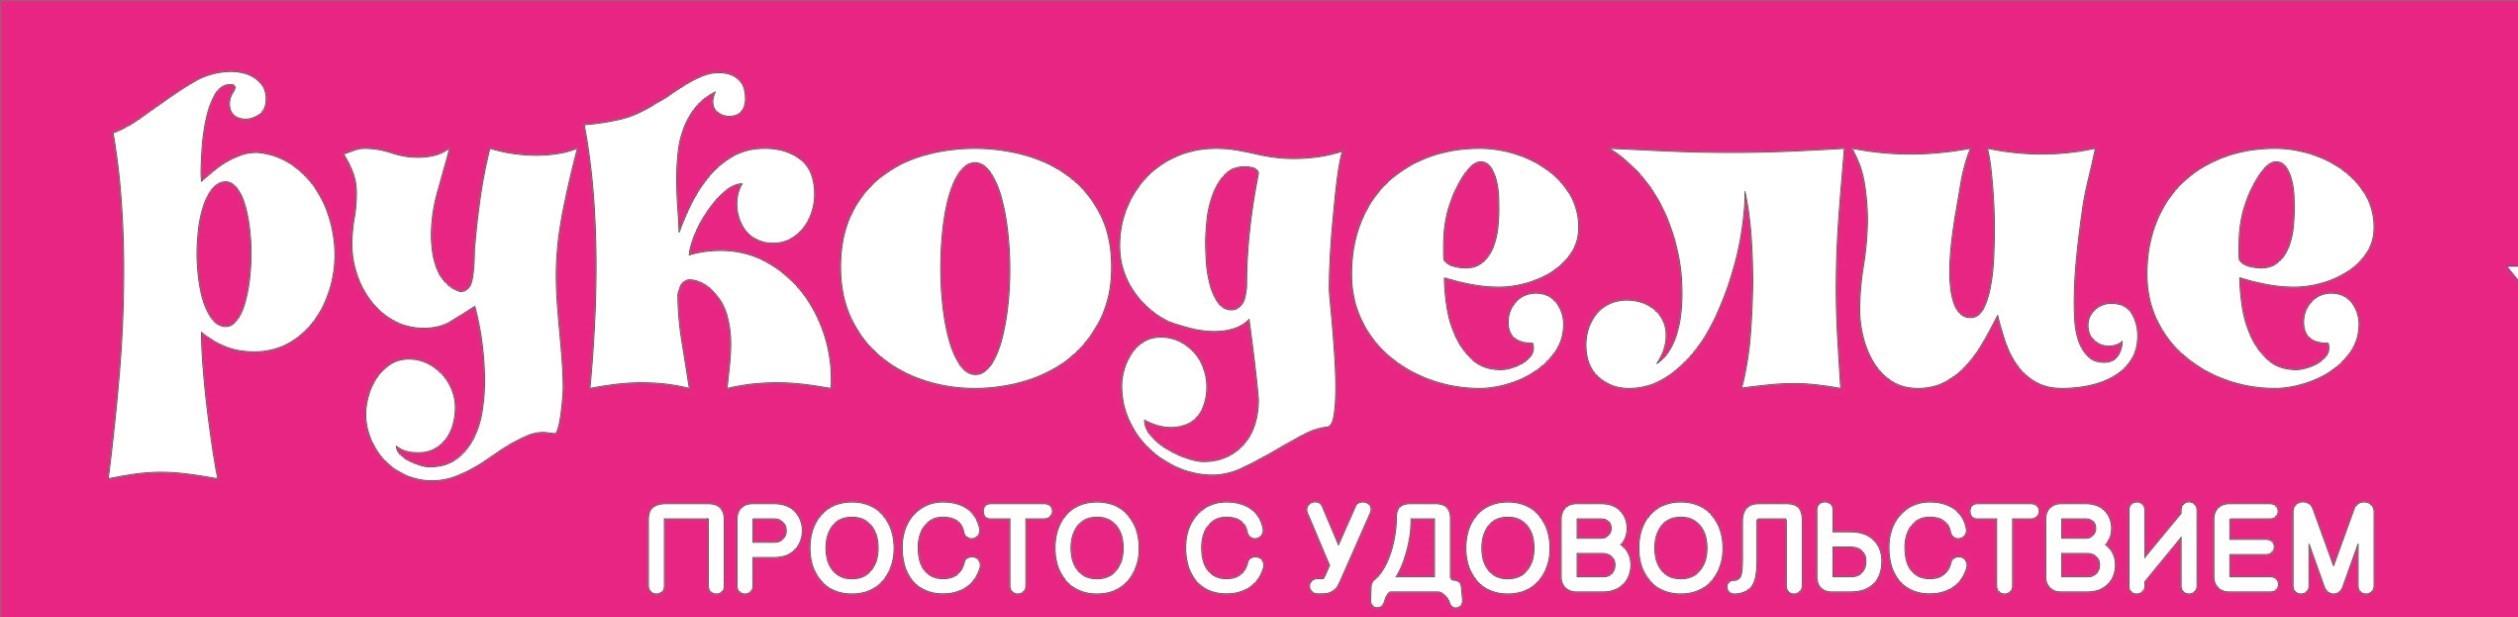 Интернет Магазин Рукоделие Волжский